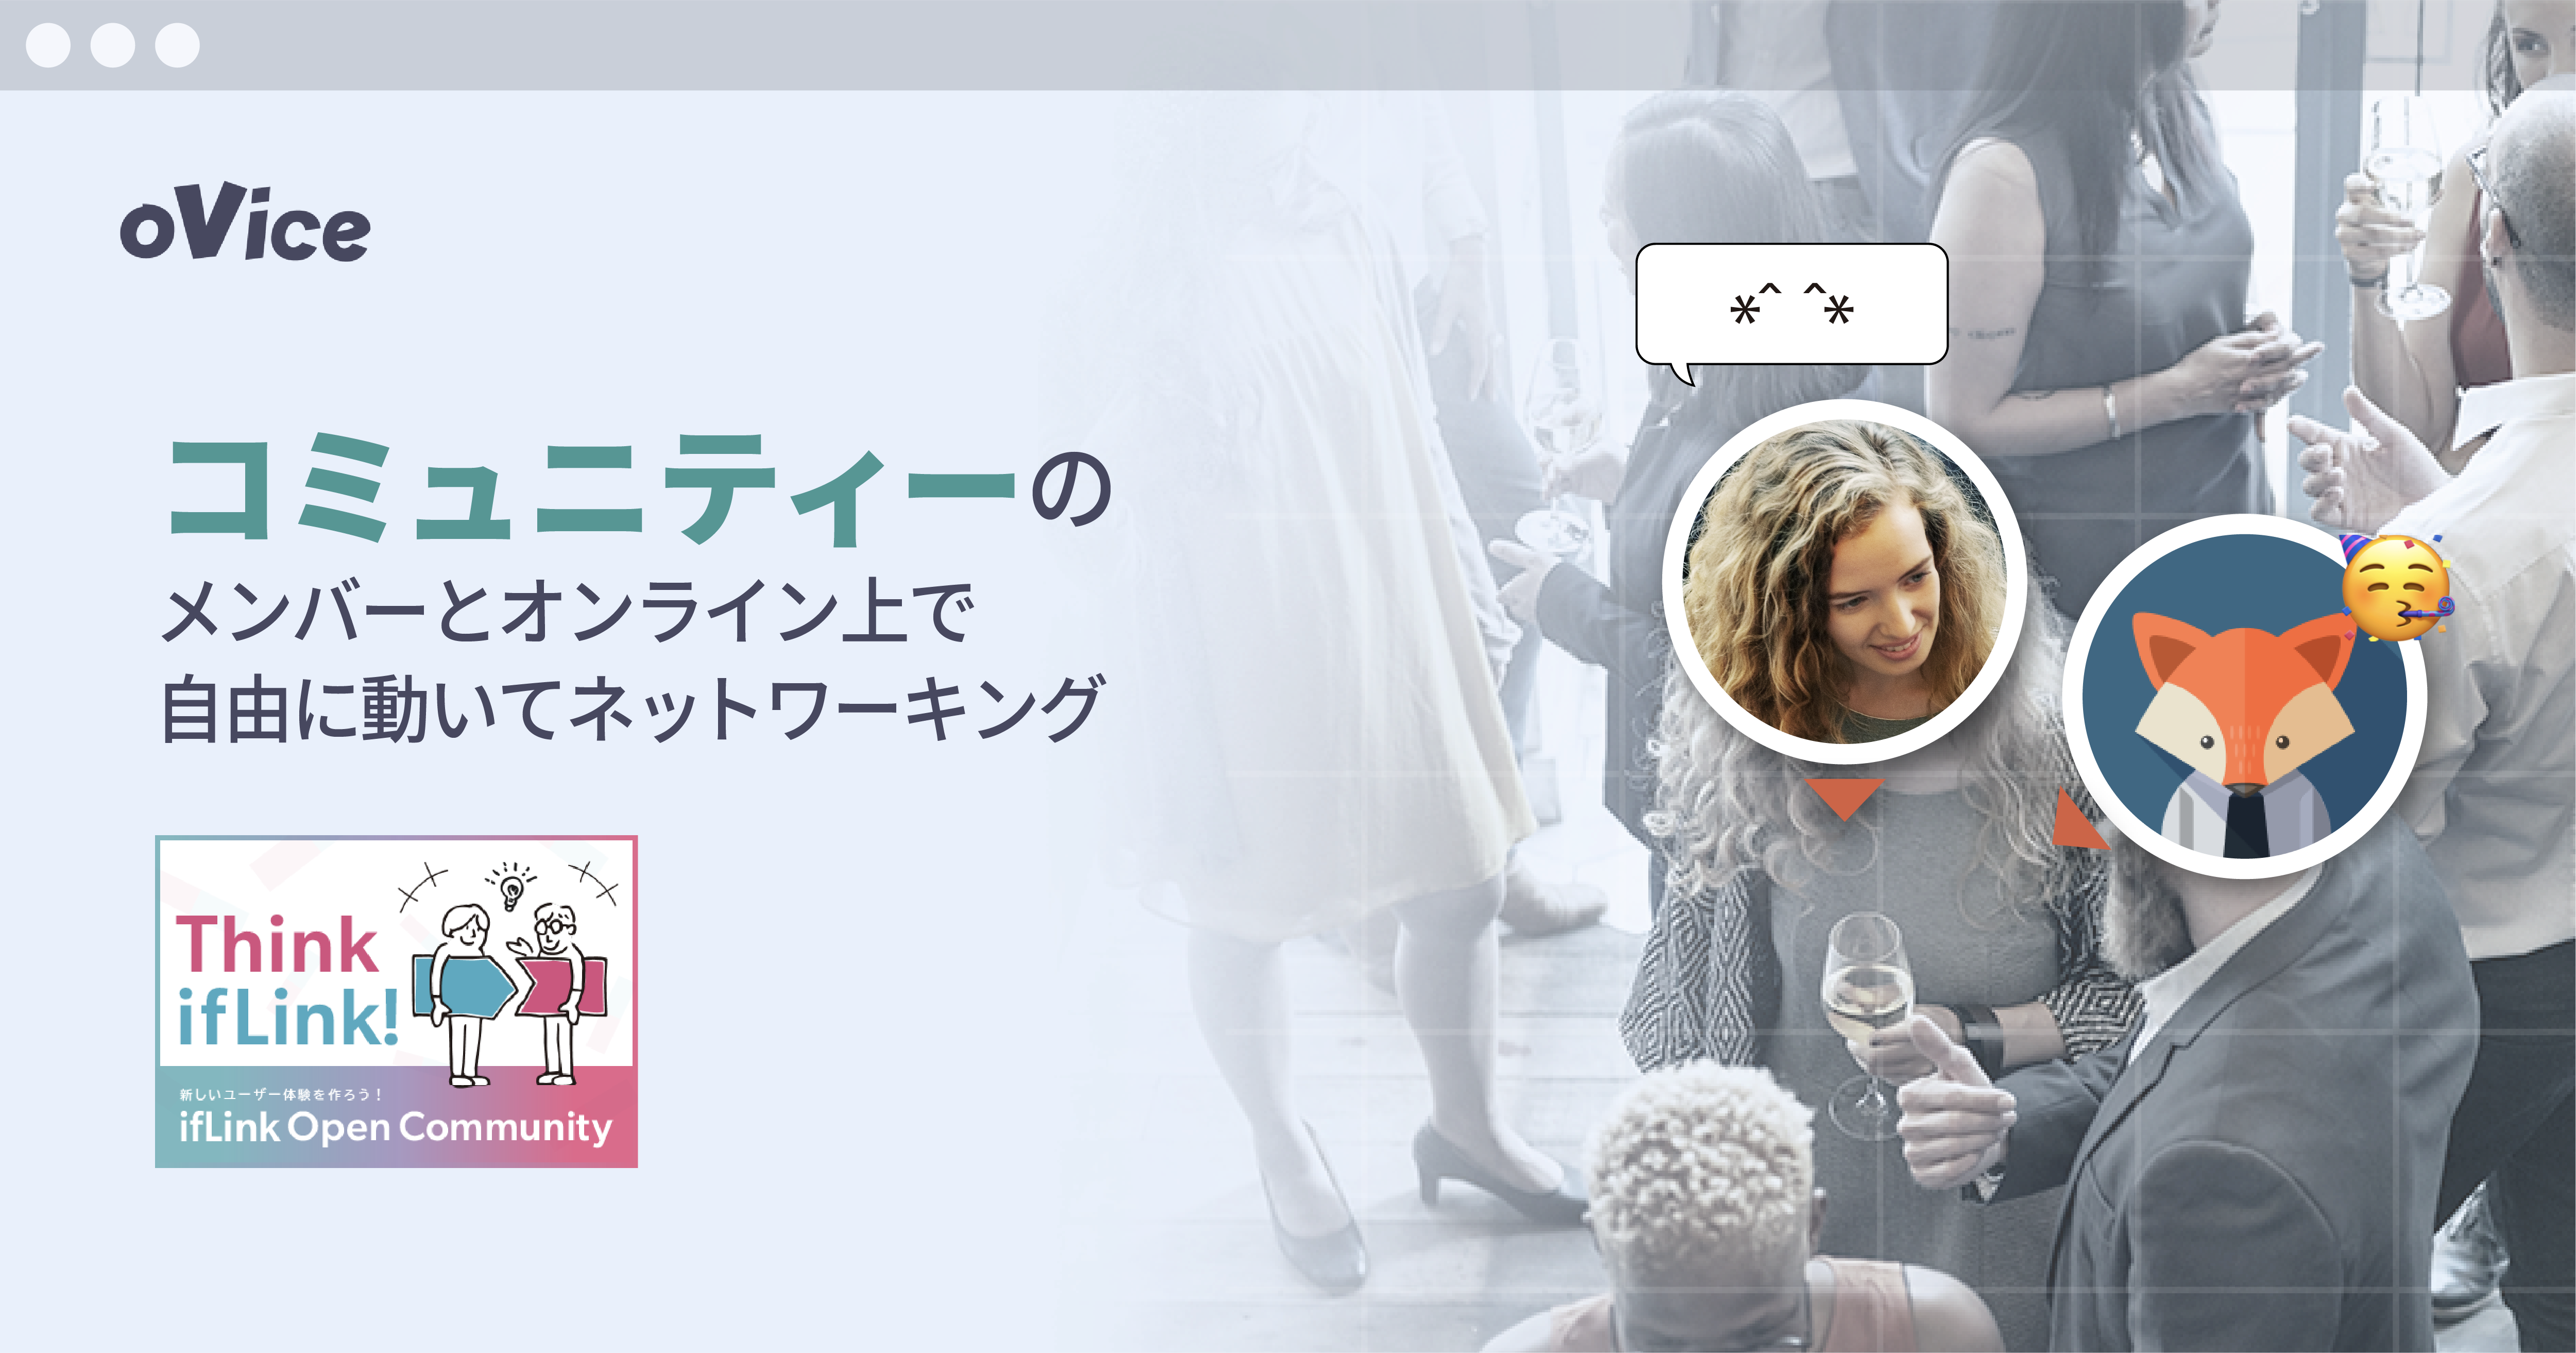 コミュニティのメンバーと、オンライン上で自由に動いてネットワーキング